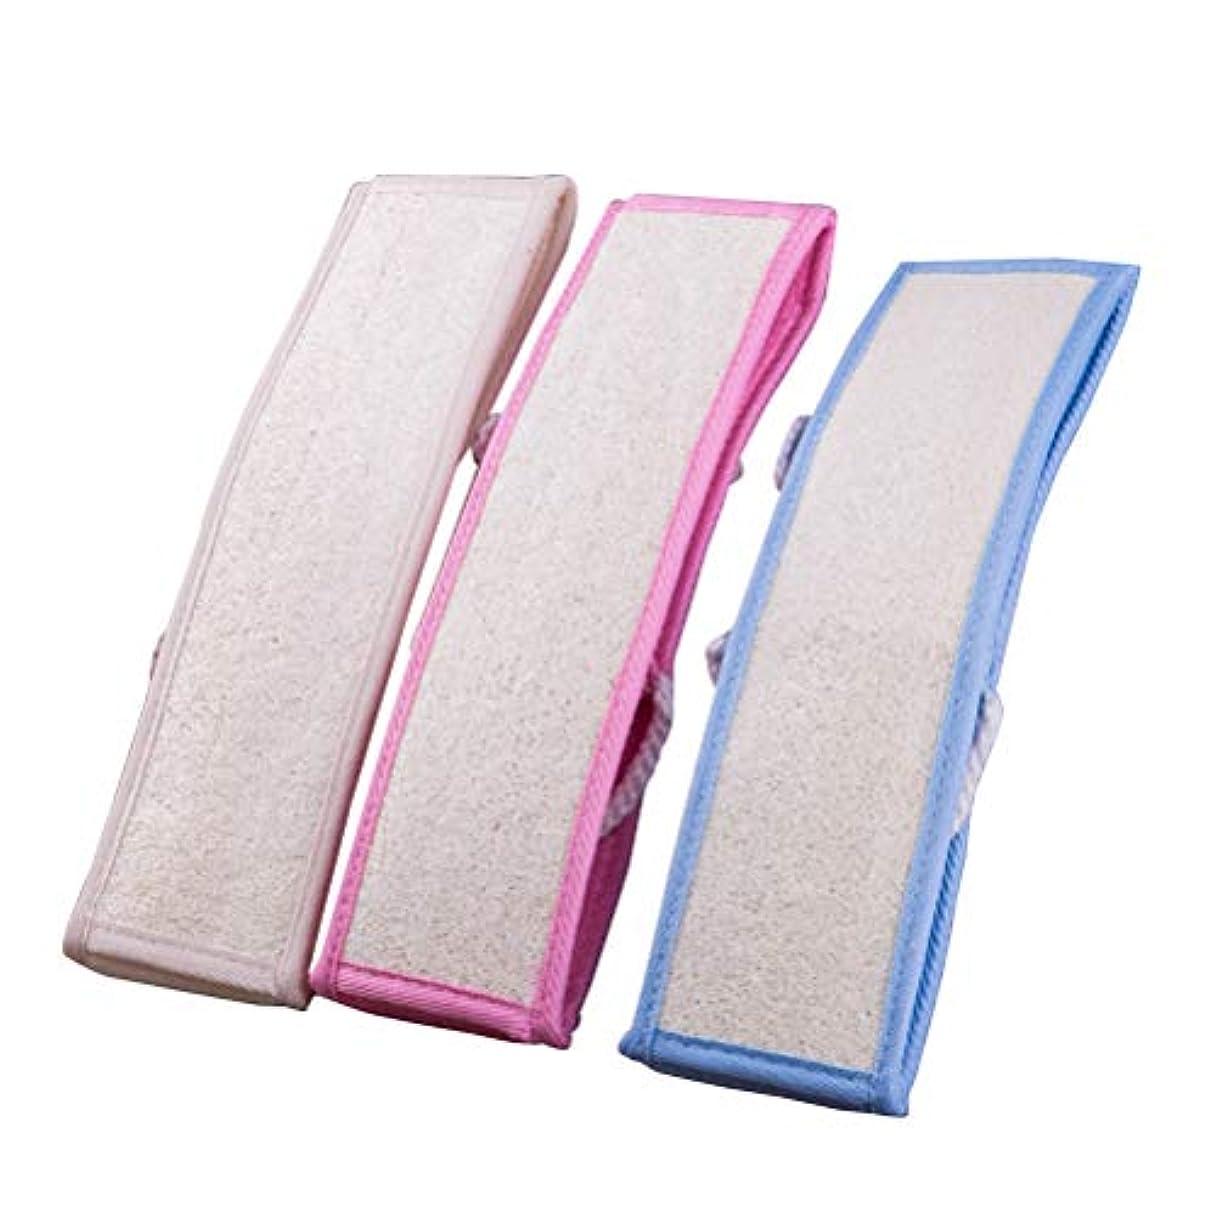 タービン風邪をひく落胆したHealifty 3本のLoofahバックストラップ剥離バックスクラバーロングシャワーバスLoofah(青、ピンク、白各1個)